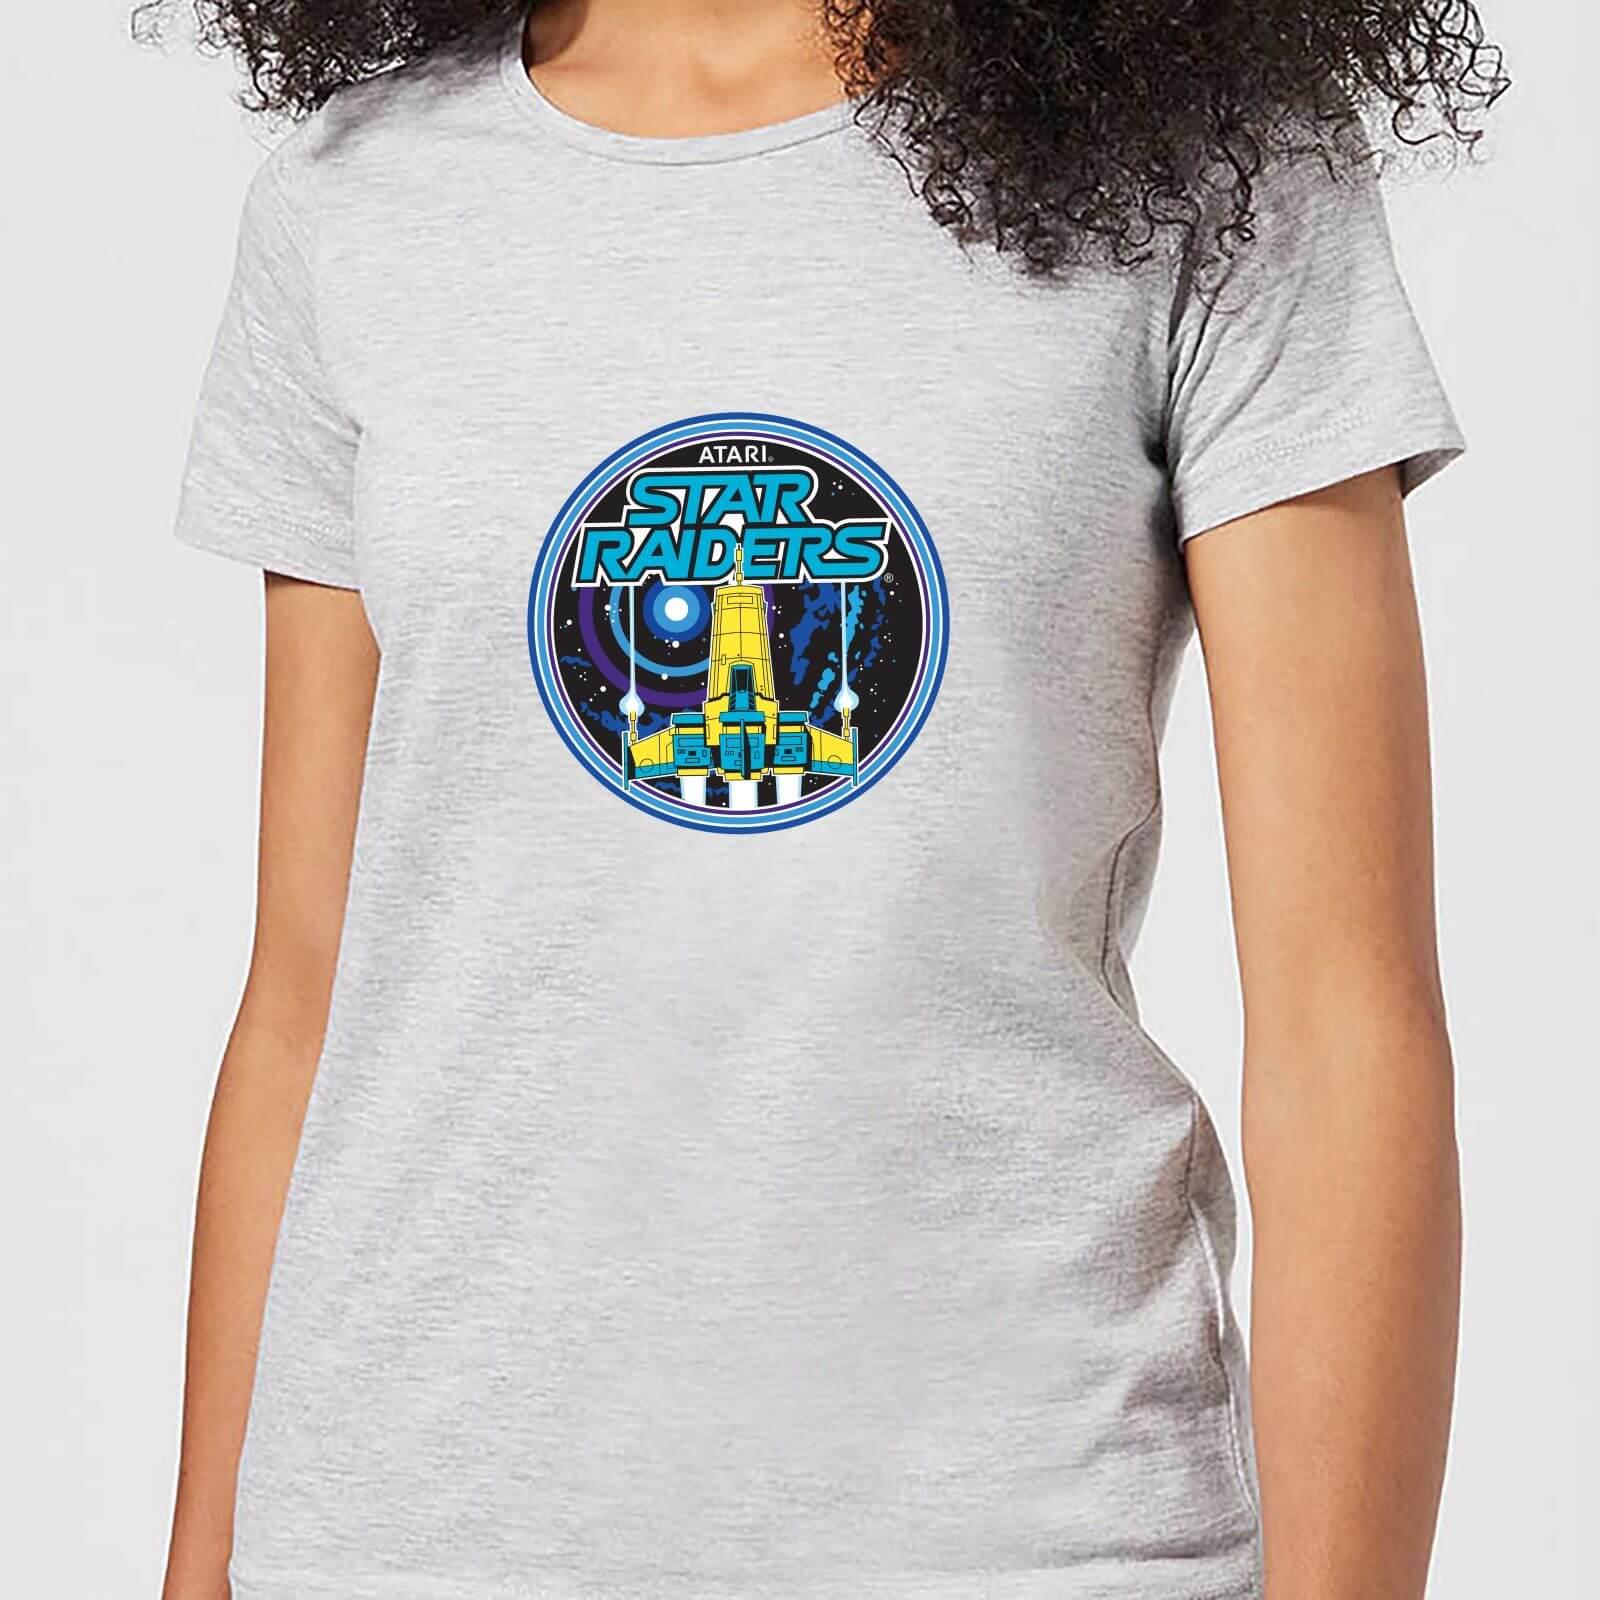 Atari Star Raiders Damen T-Shirt - Grau - 3XL - Grau